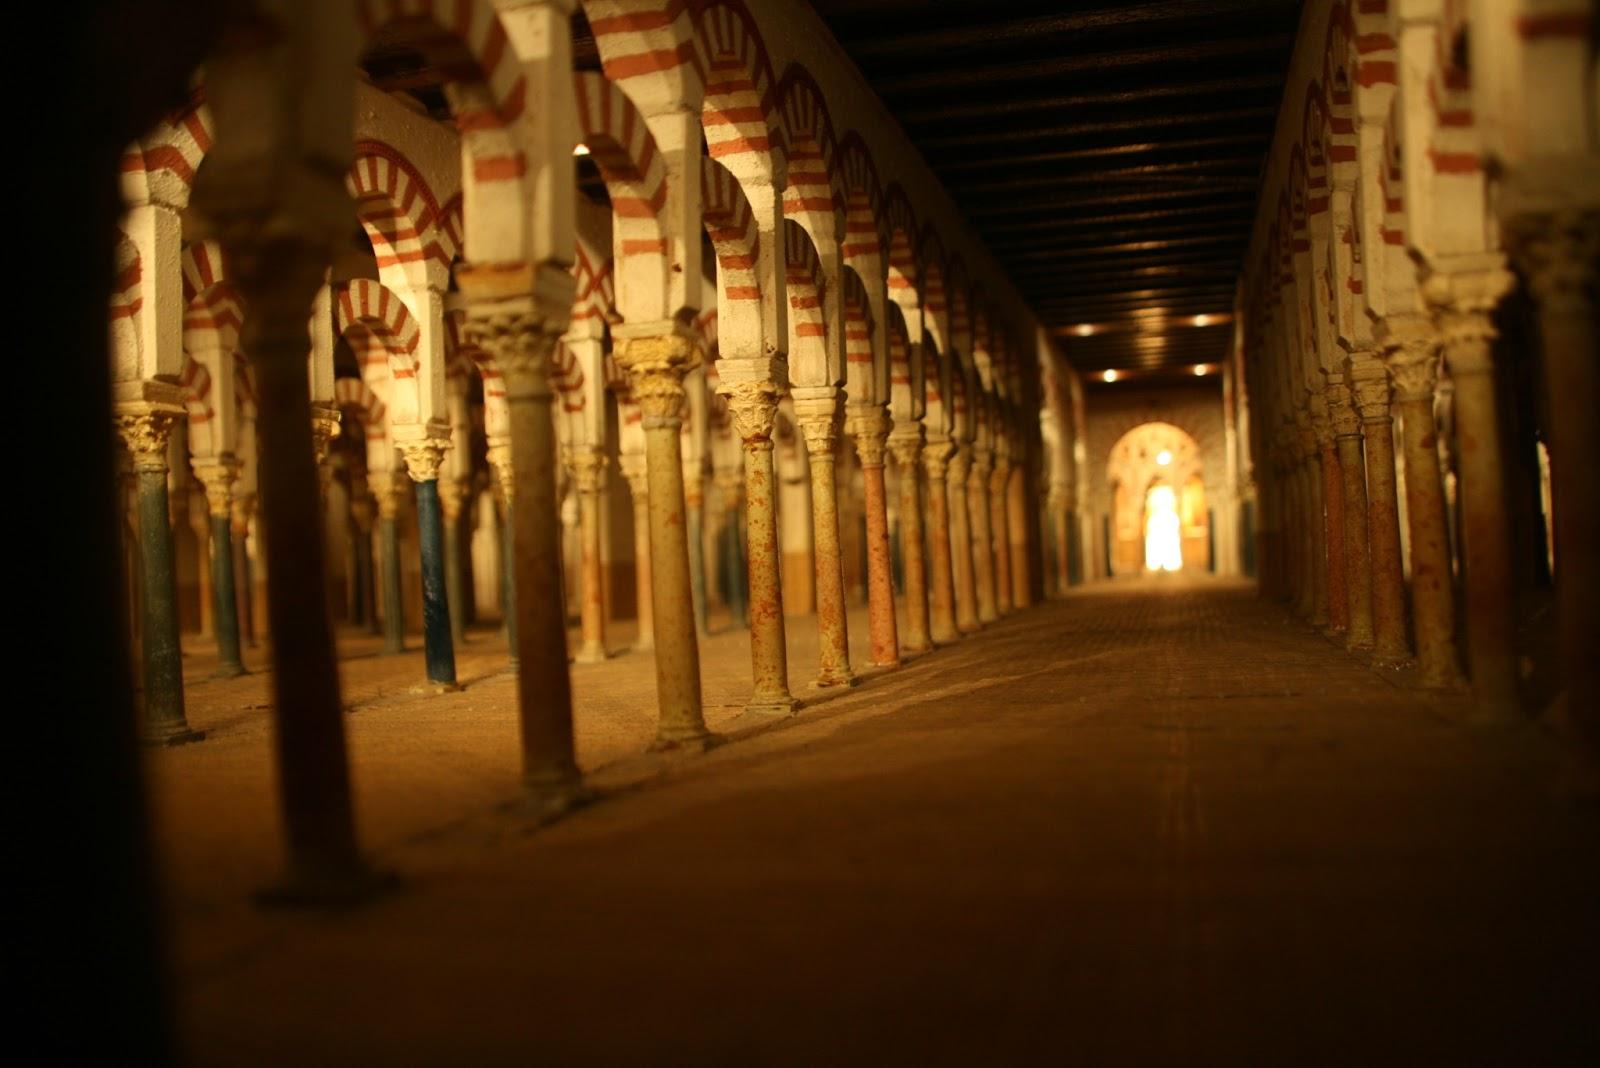 C rdoba sultana ahora vas y lo cascas - Mezquita de cordoba visita nocturna ...